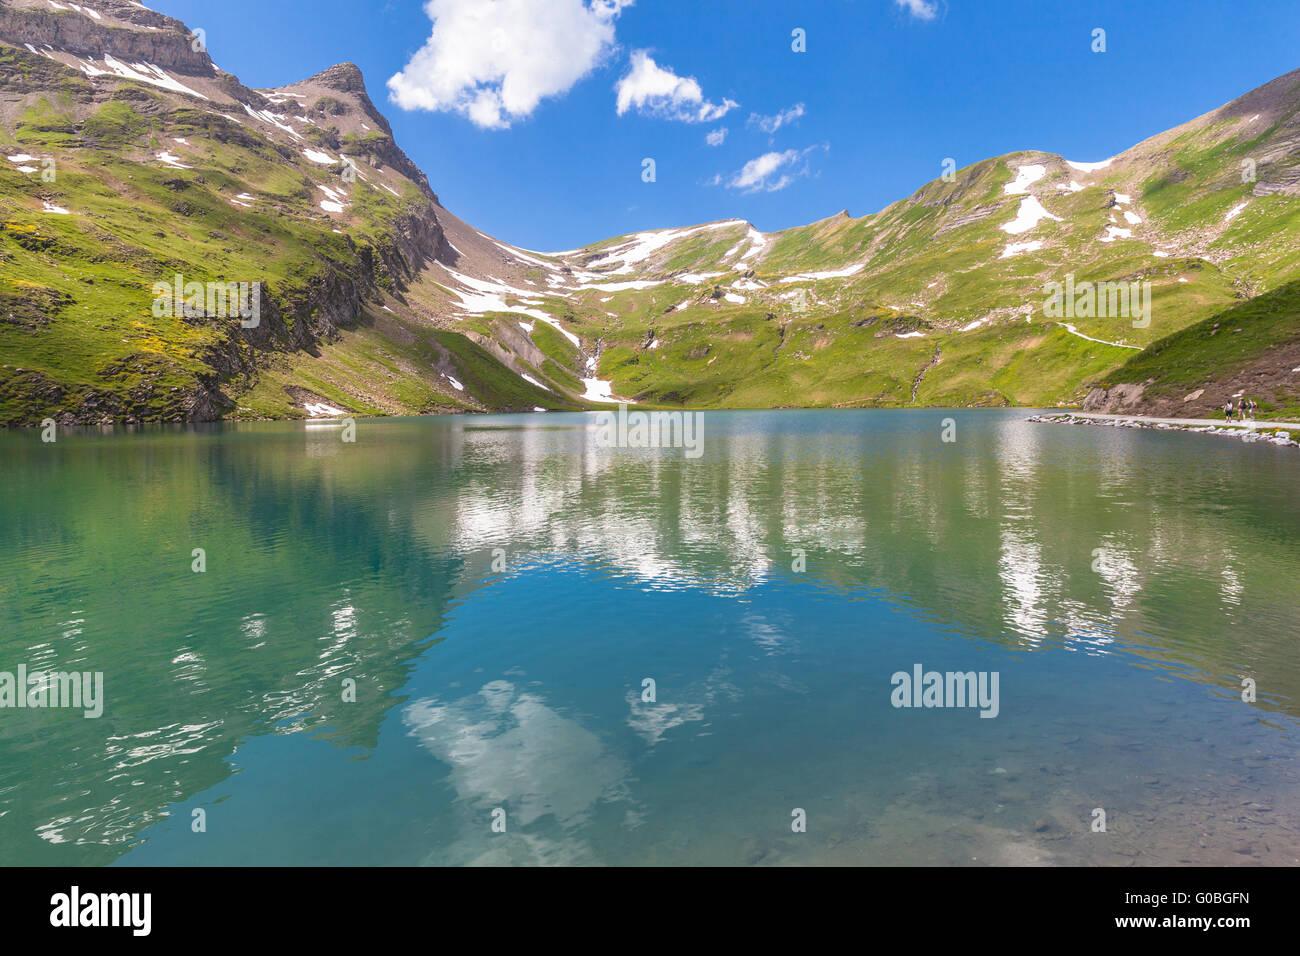 Bergsee in Schweizer Alpen, Bachalpsee, Grindelwald, Schweiz Stockbild